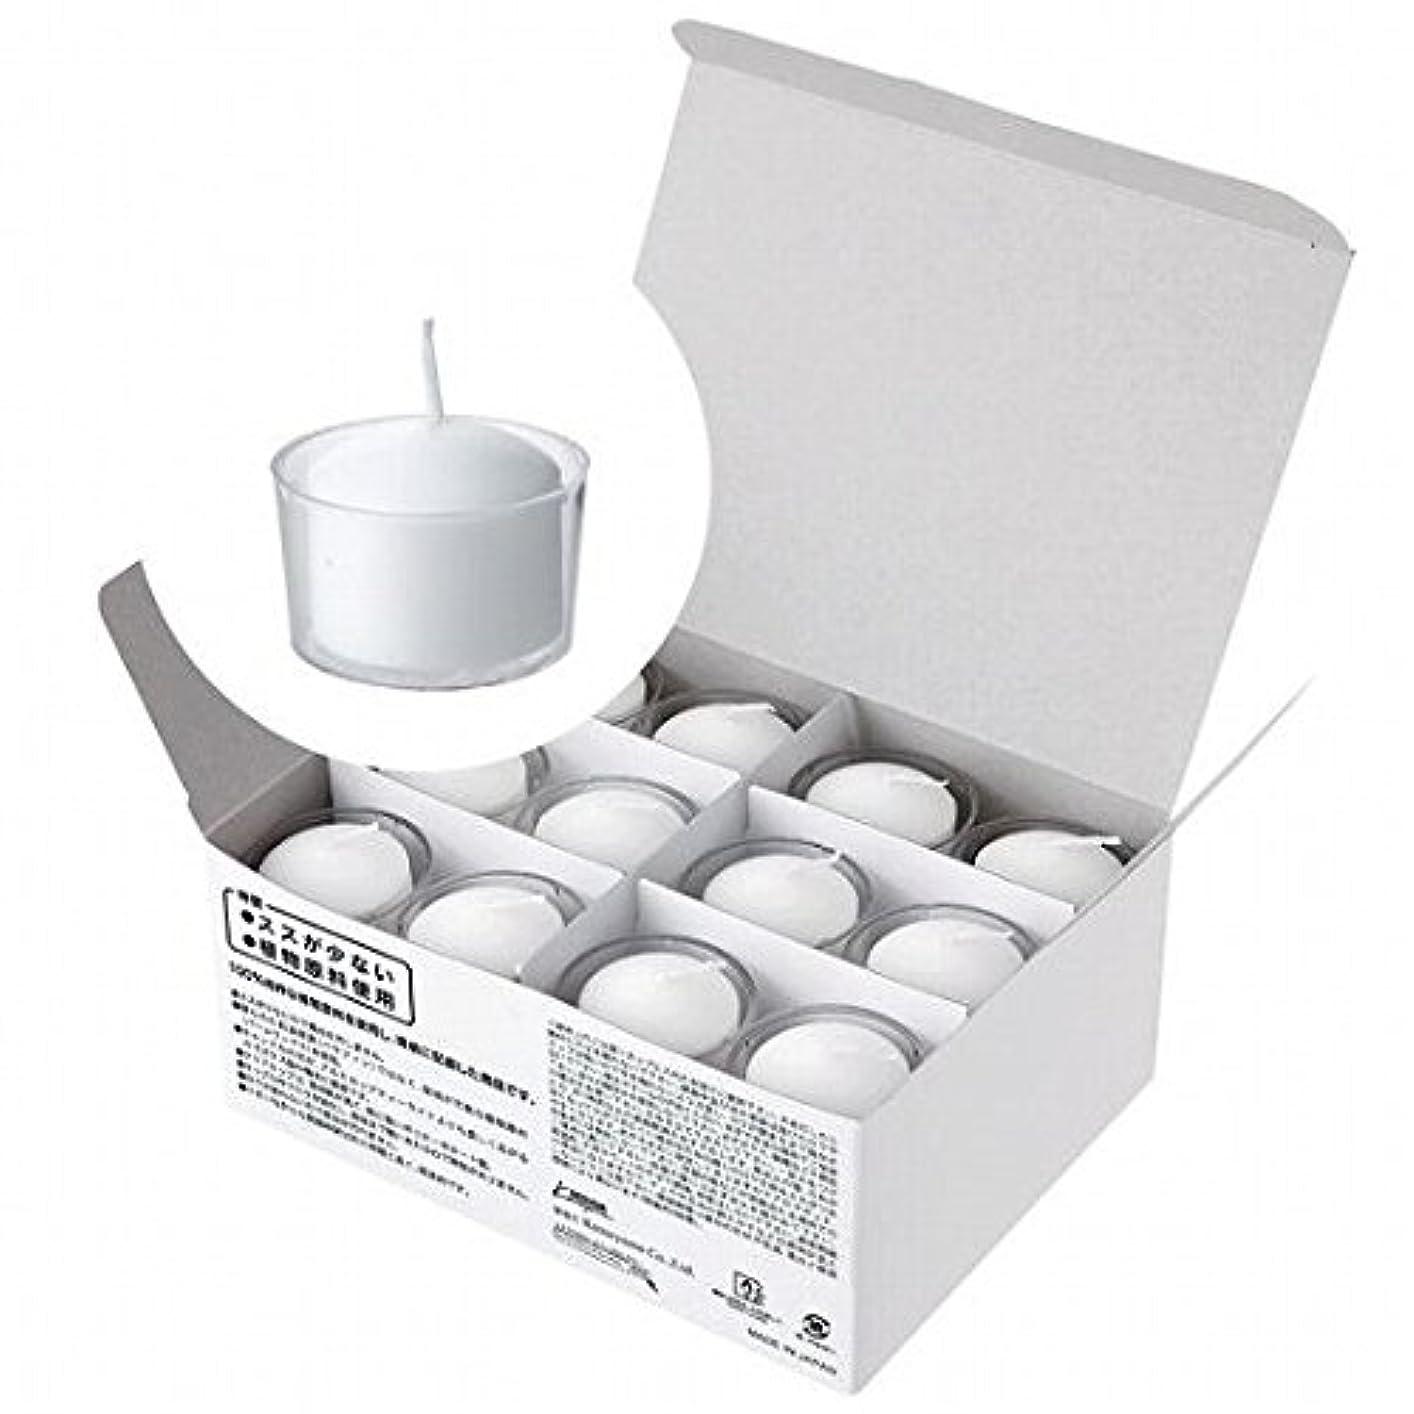 動物ダルセットカレッジkameyama candle(カメヤマキャンドル) クレア 5時間タイプ24個入り【ススが出にくいキャンドル】「 ホワイト 」(A8165524W)